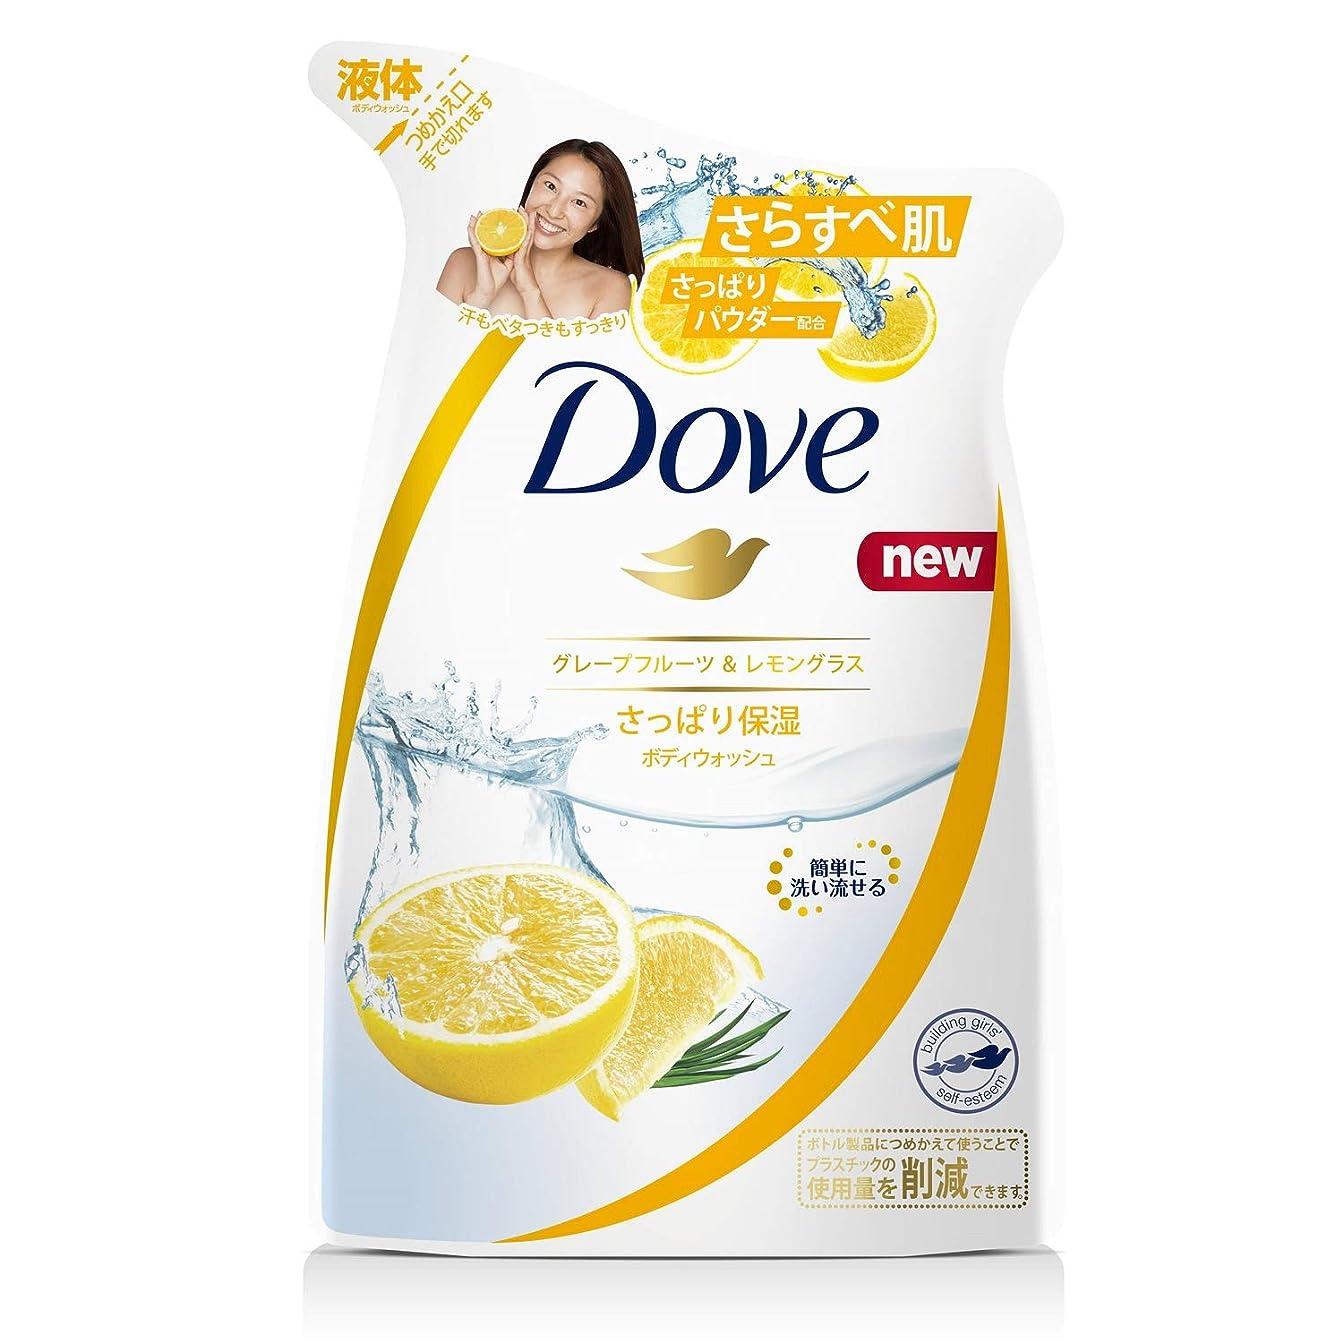 ダヴ ボディウォッシュ グレープフルーツ&レモングラス つめかえ用 360g